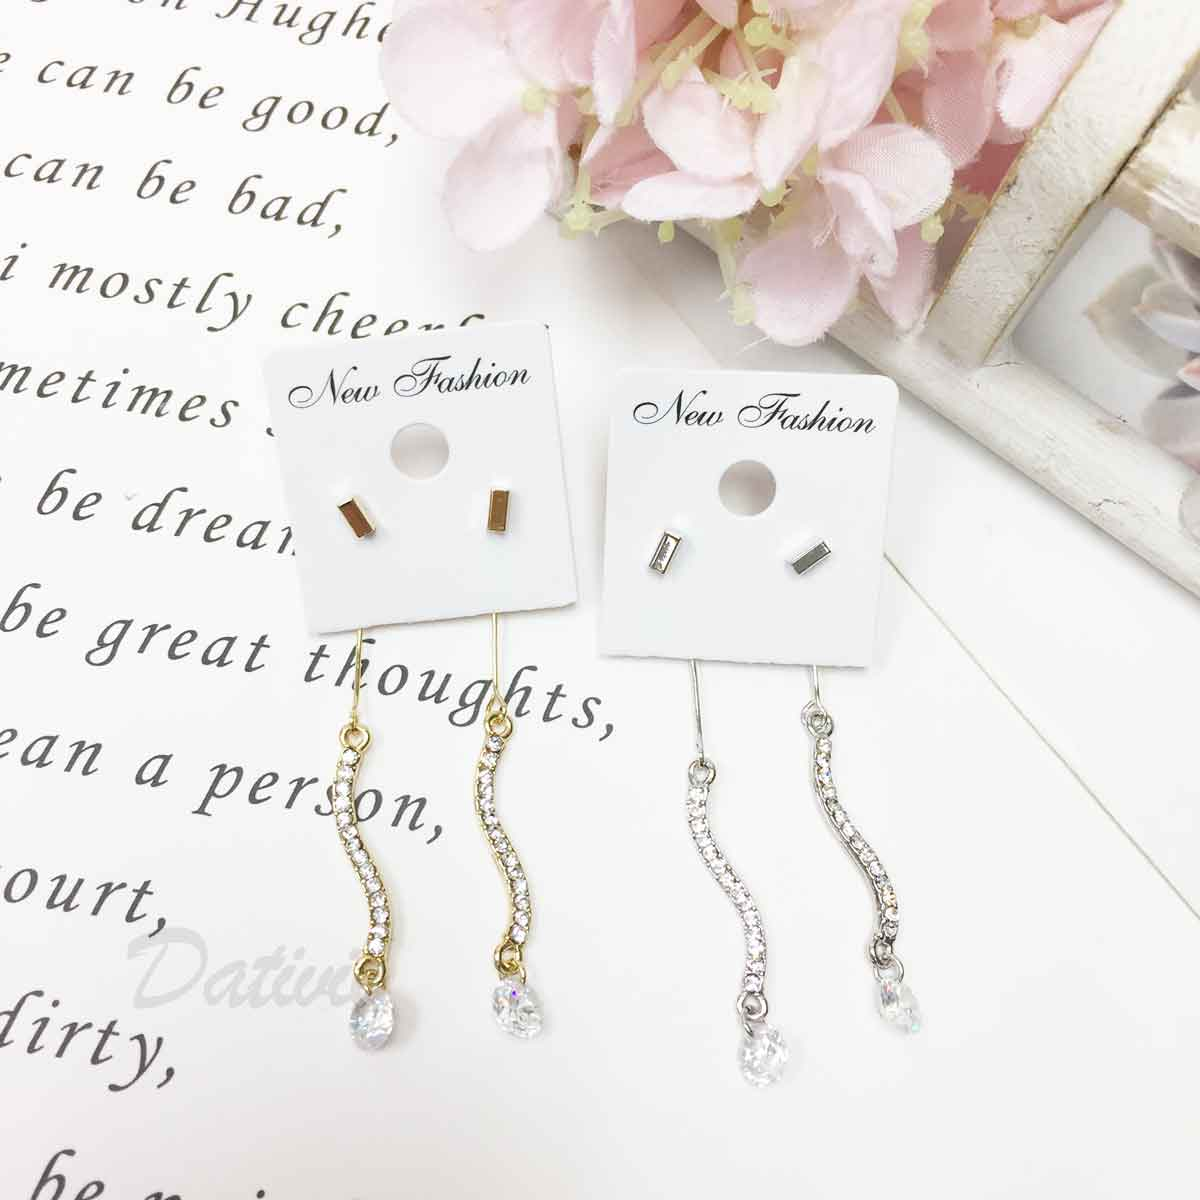 小金屬條 流線 水鑽 華麗款 金銀2色 垂墜感 耳針式耳環